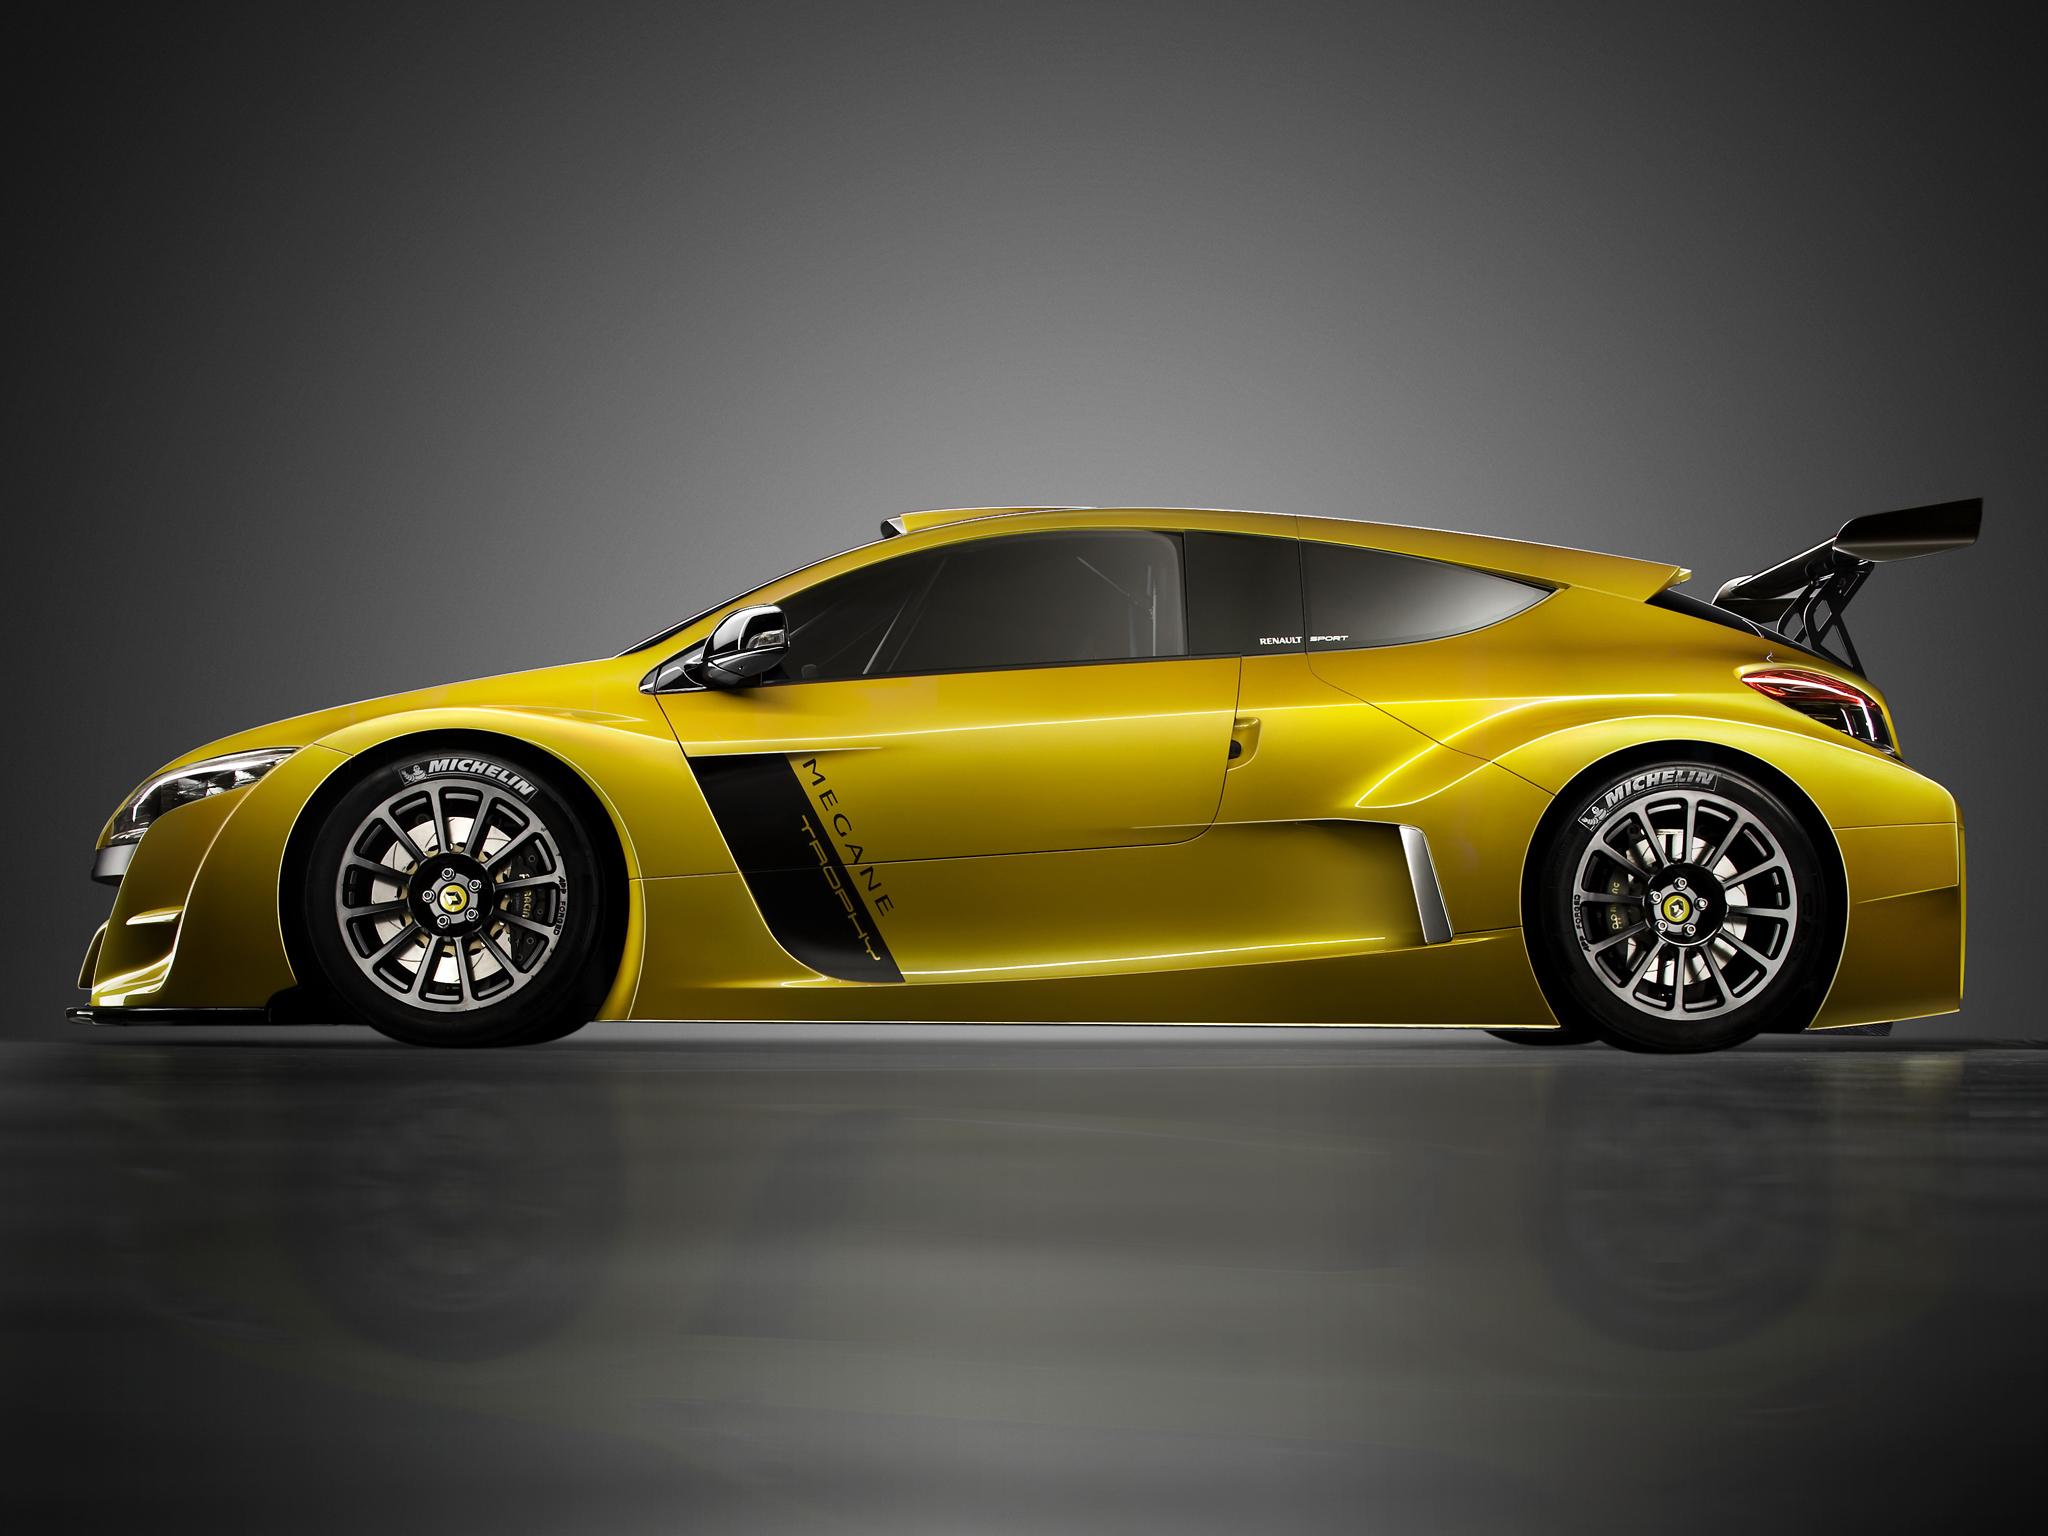 Чемпионская команда WRC построит машину Рено для ралли-кросса